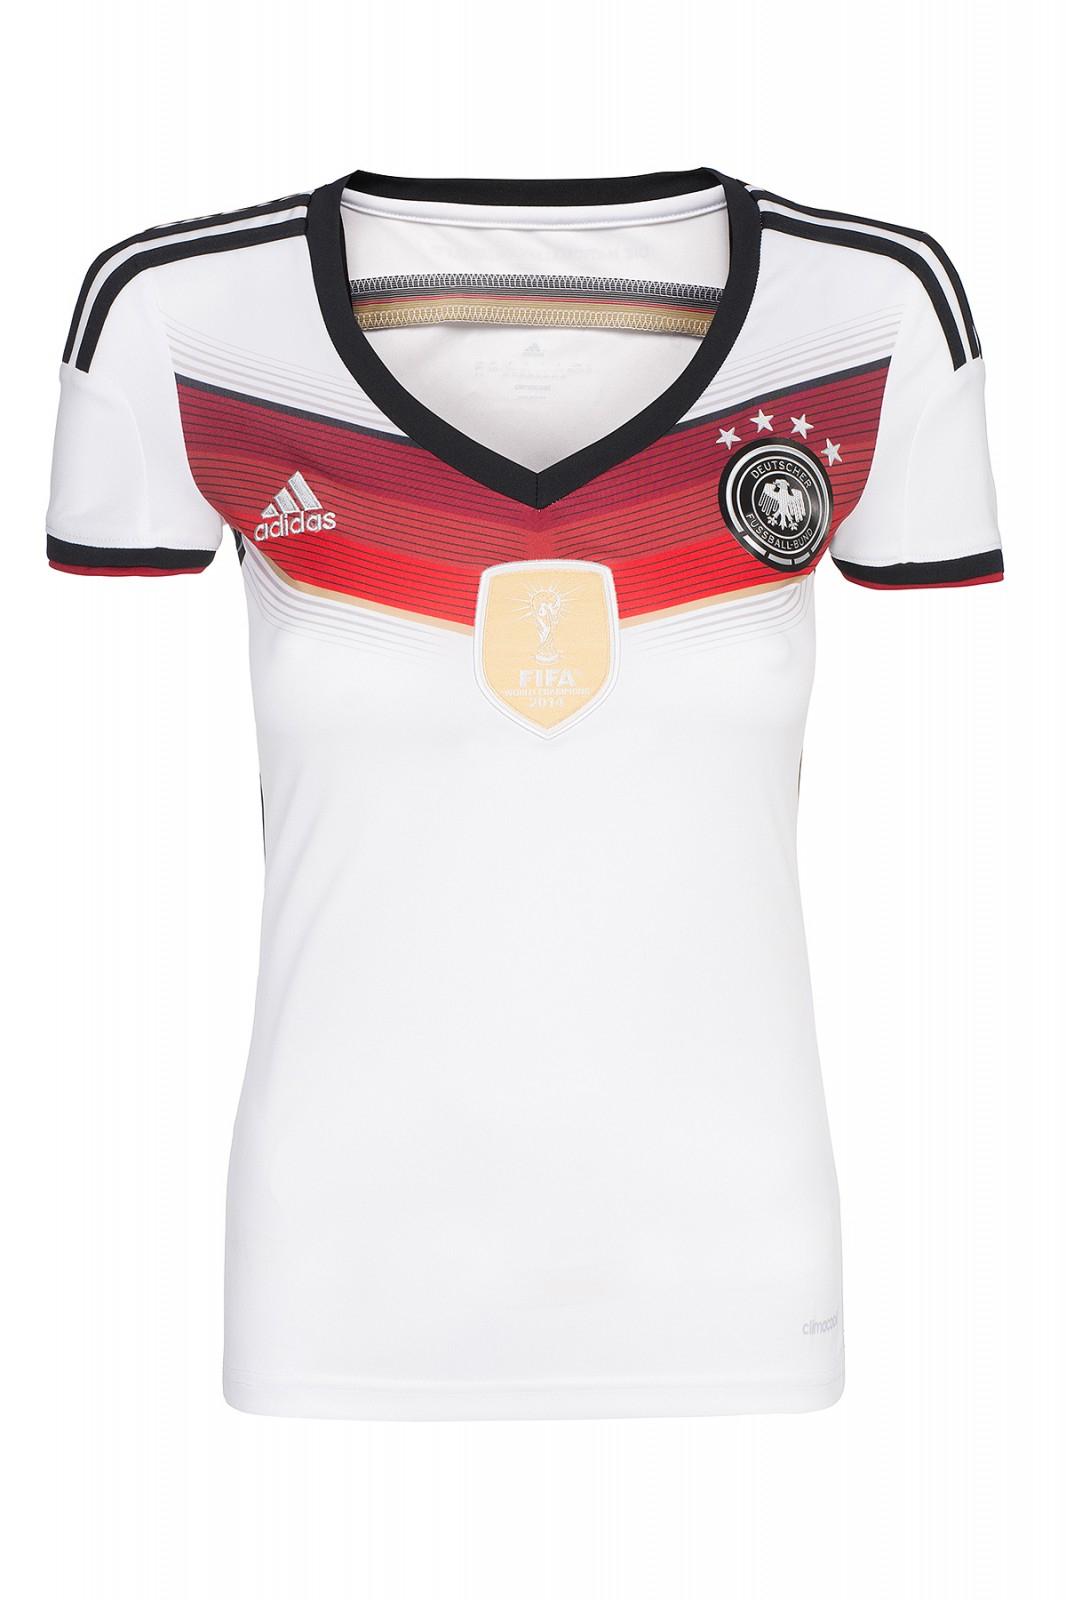 adidas DFB Heimtrikot Damen Trikot Weiß 2014 Größe XXS 9,99€